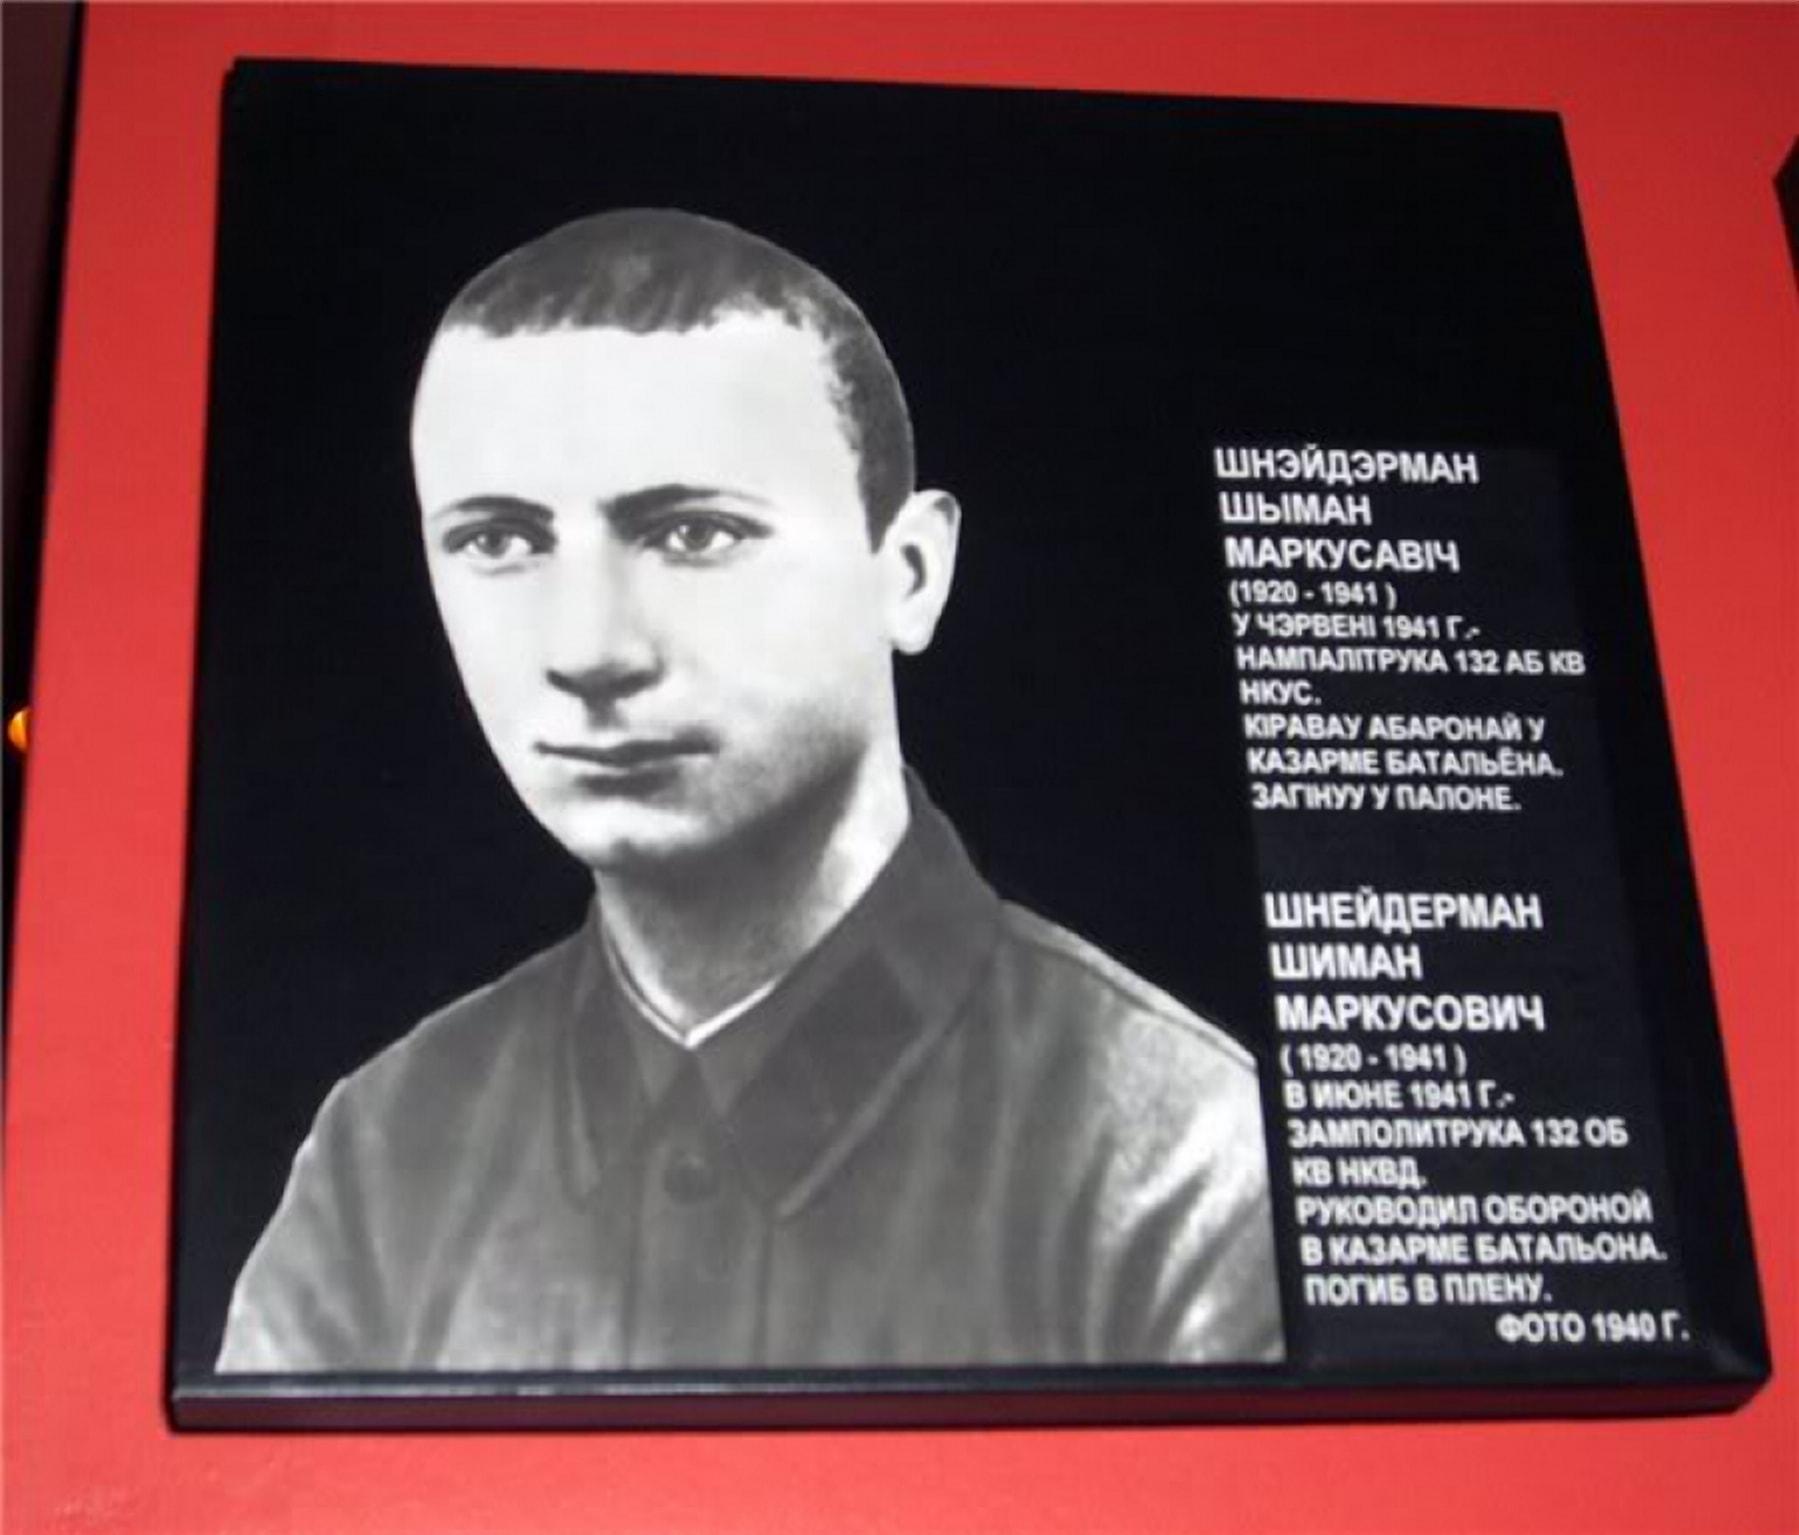 Заместитель политрука Шимос Шнейдерман в музее